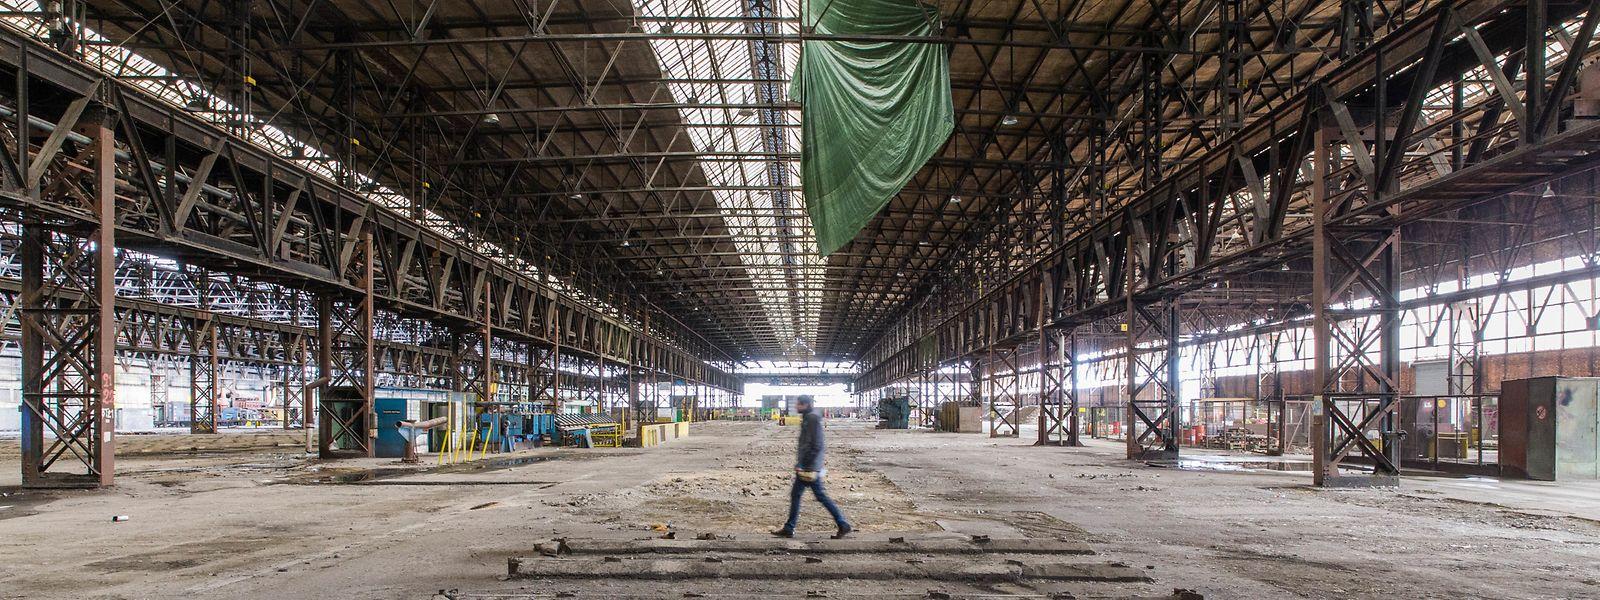 Das ehemalige Walzwerk imponiert unter anderem durch seine Dimensionen.